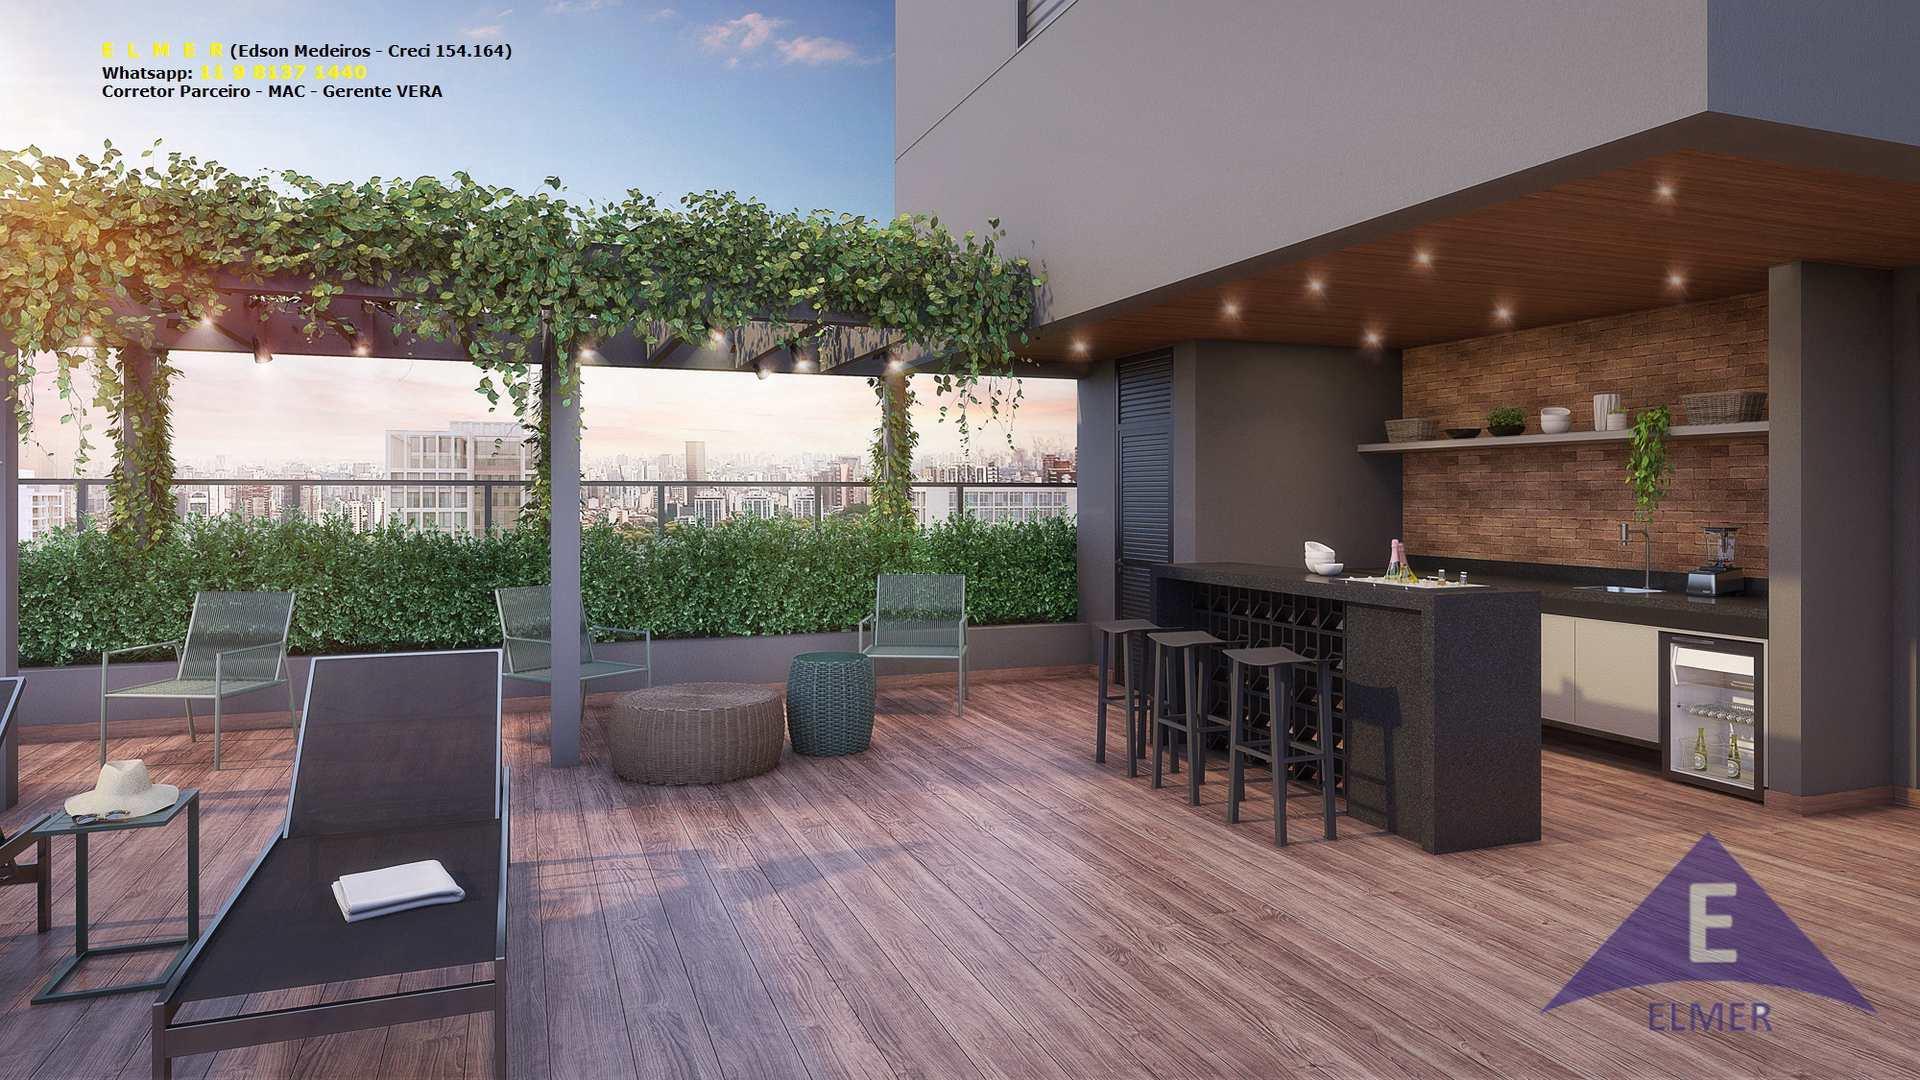 Lounge Bar Rooftop -IS CONSOLAÇÃO - ELMER